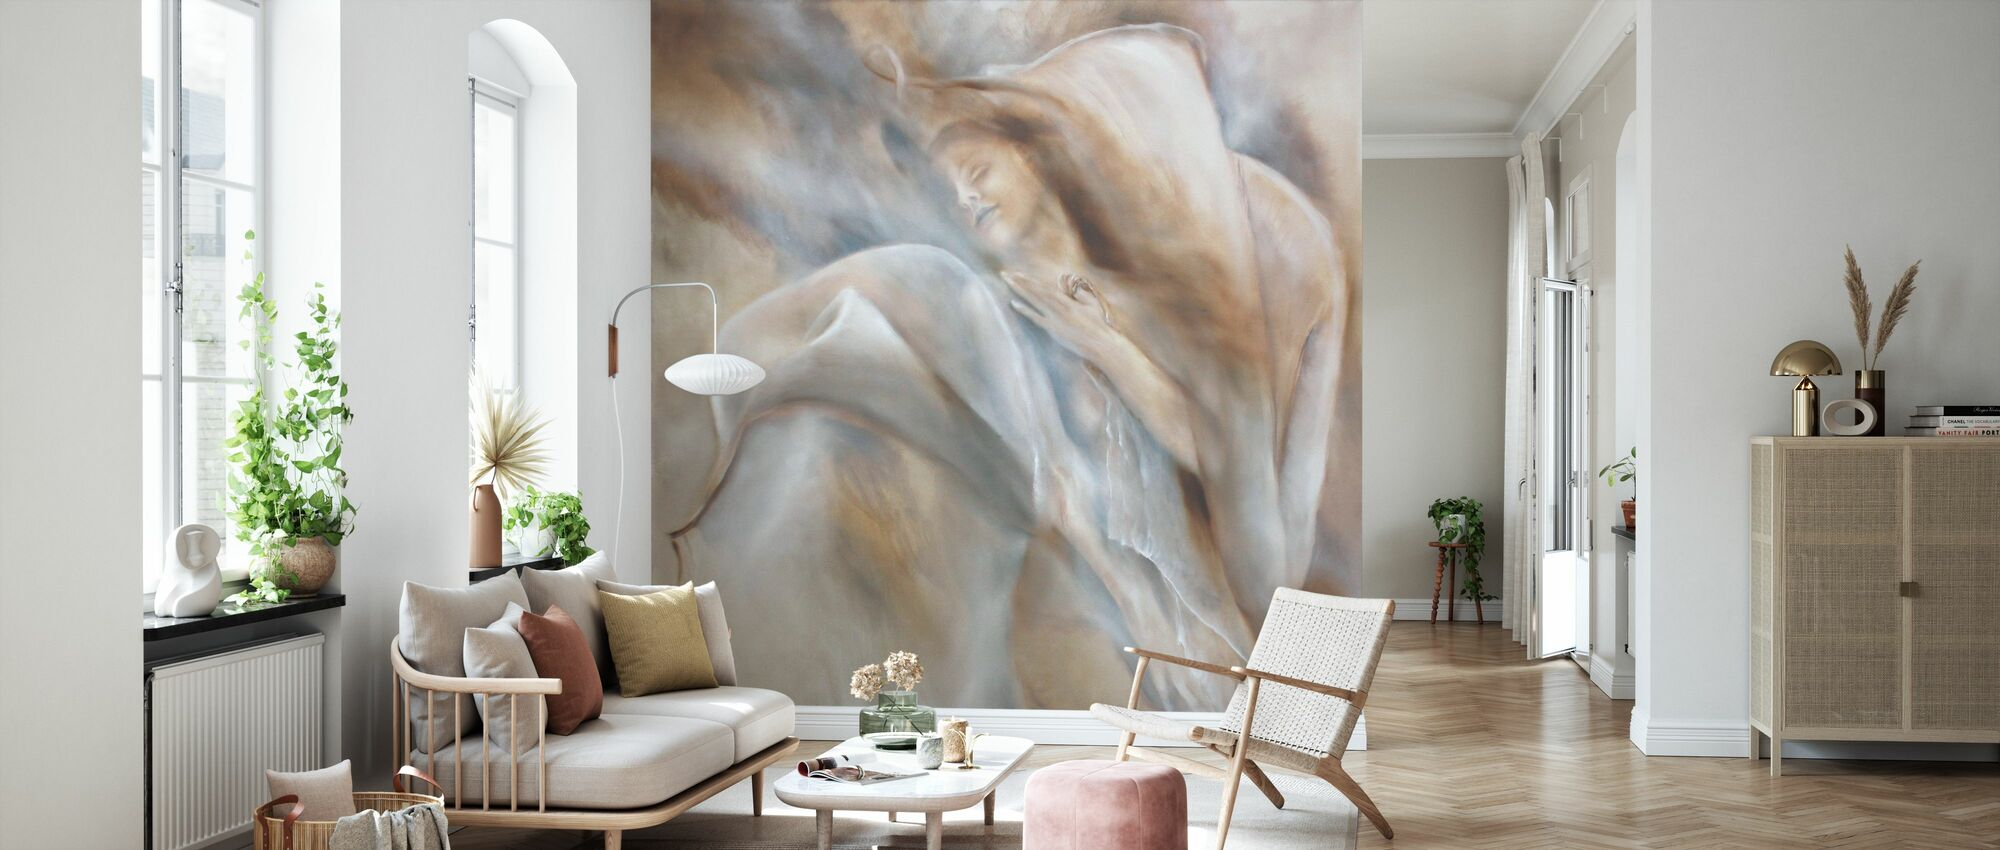 Dedication - Wallpaper - Living Room